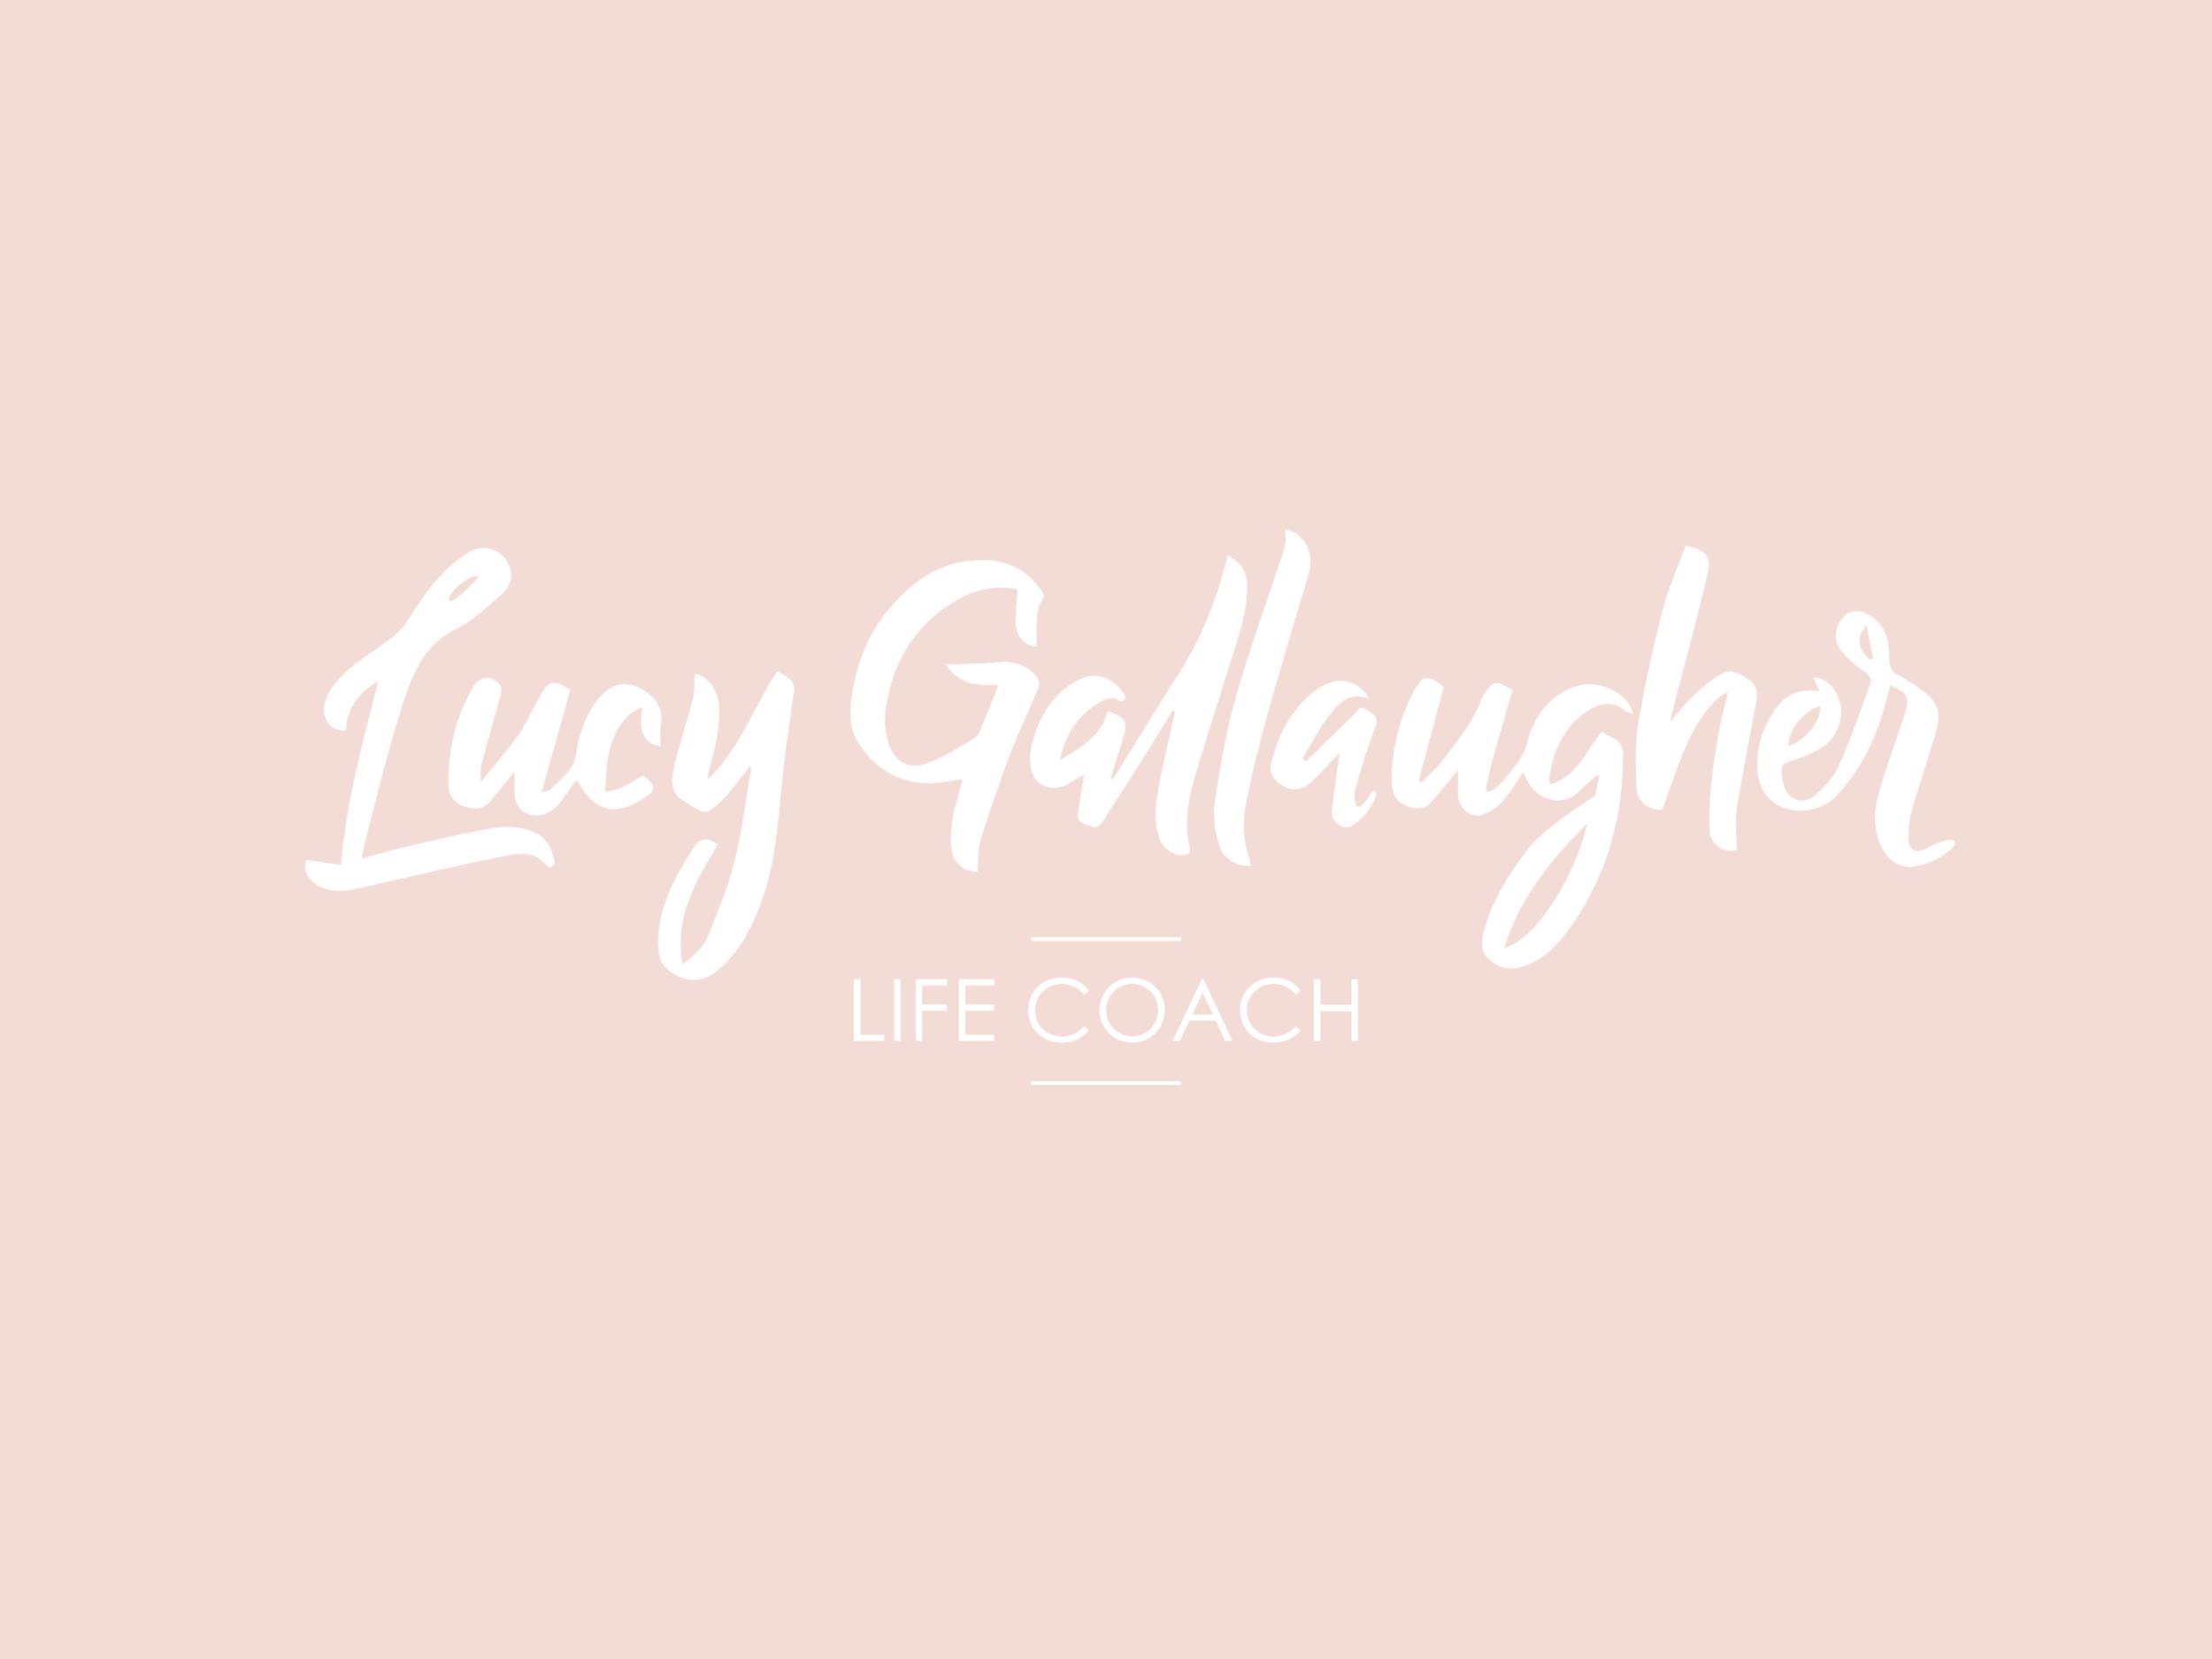 Lucy_updatedlogo-01.png